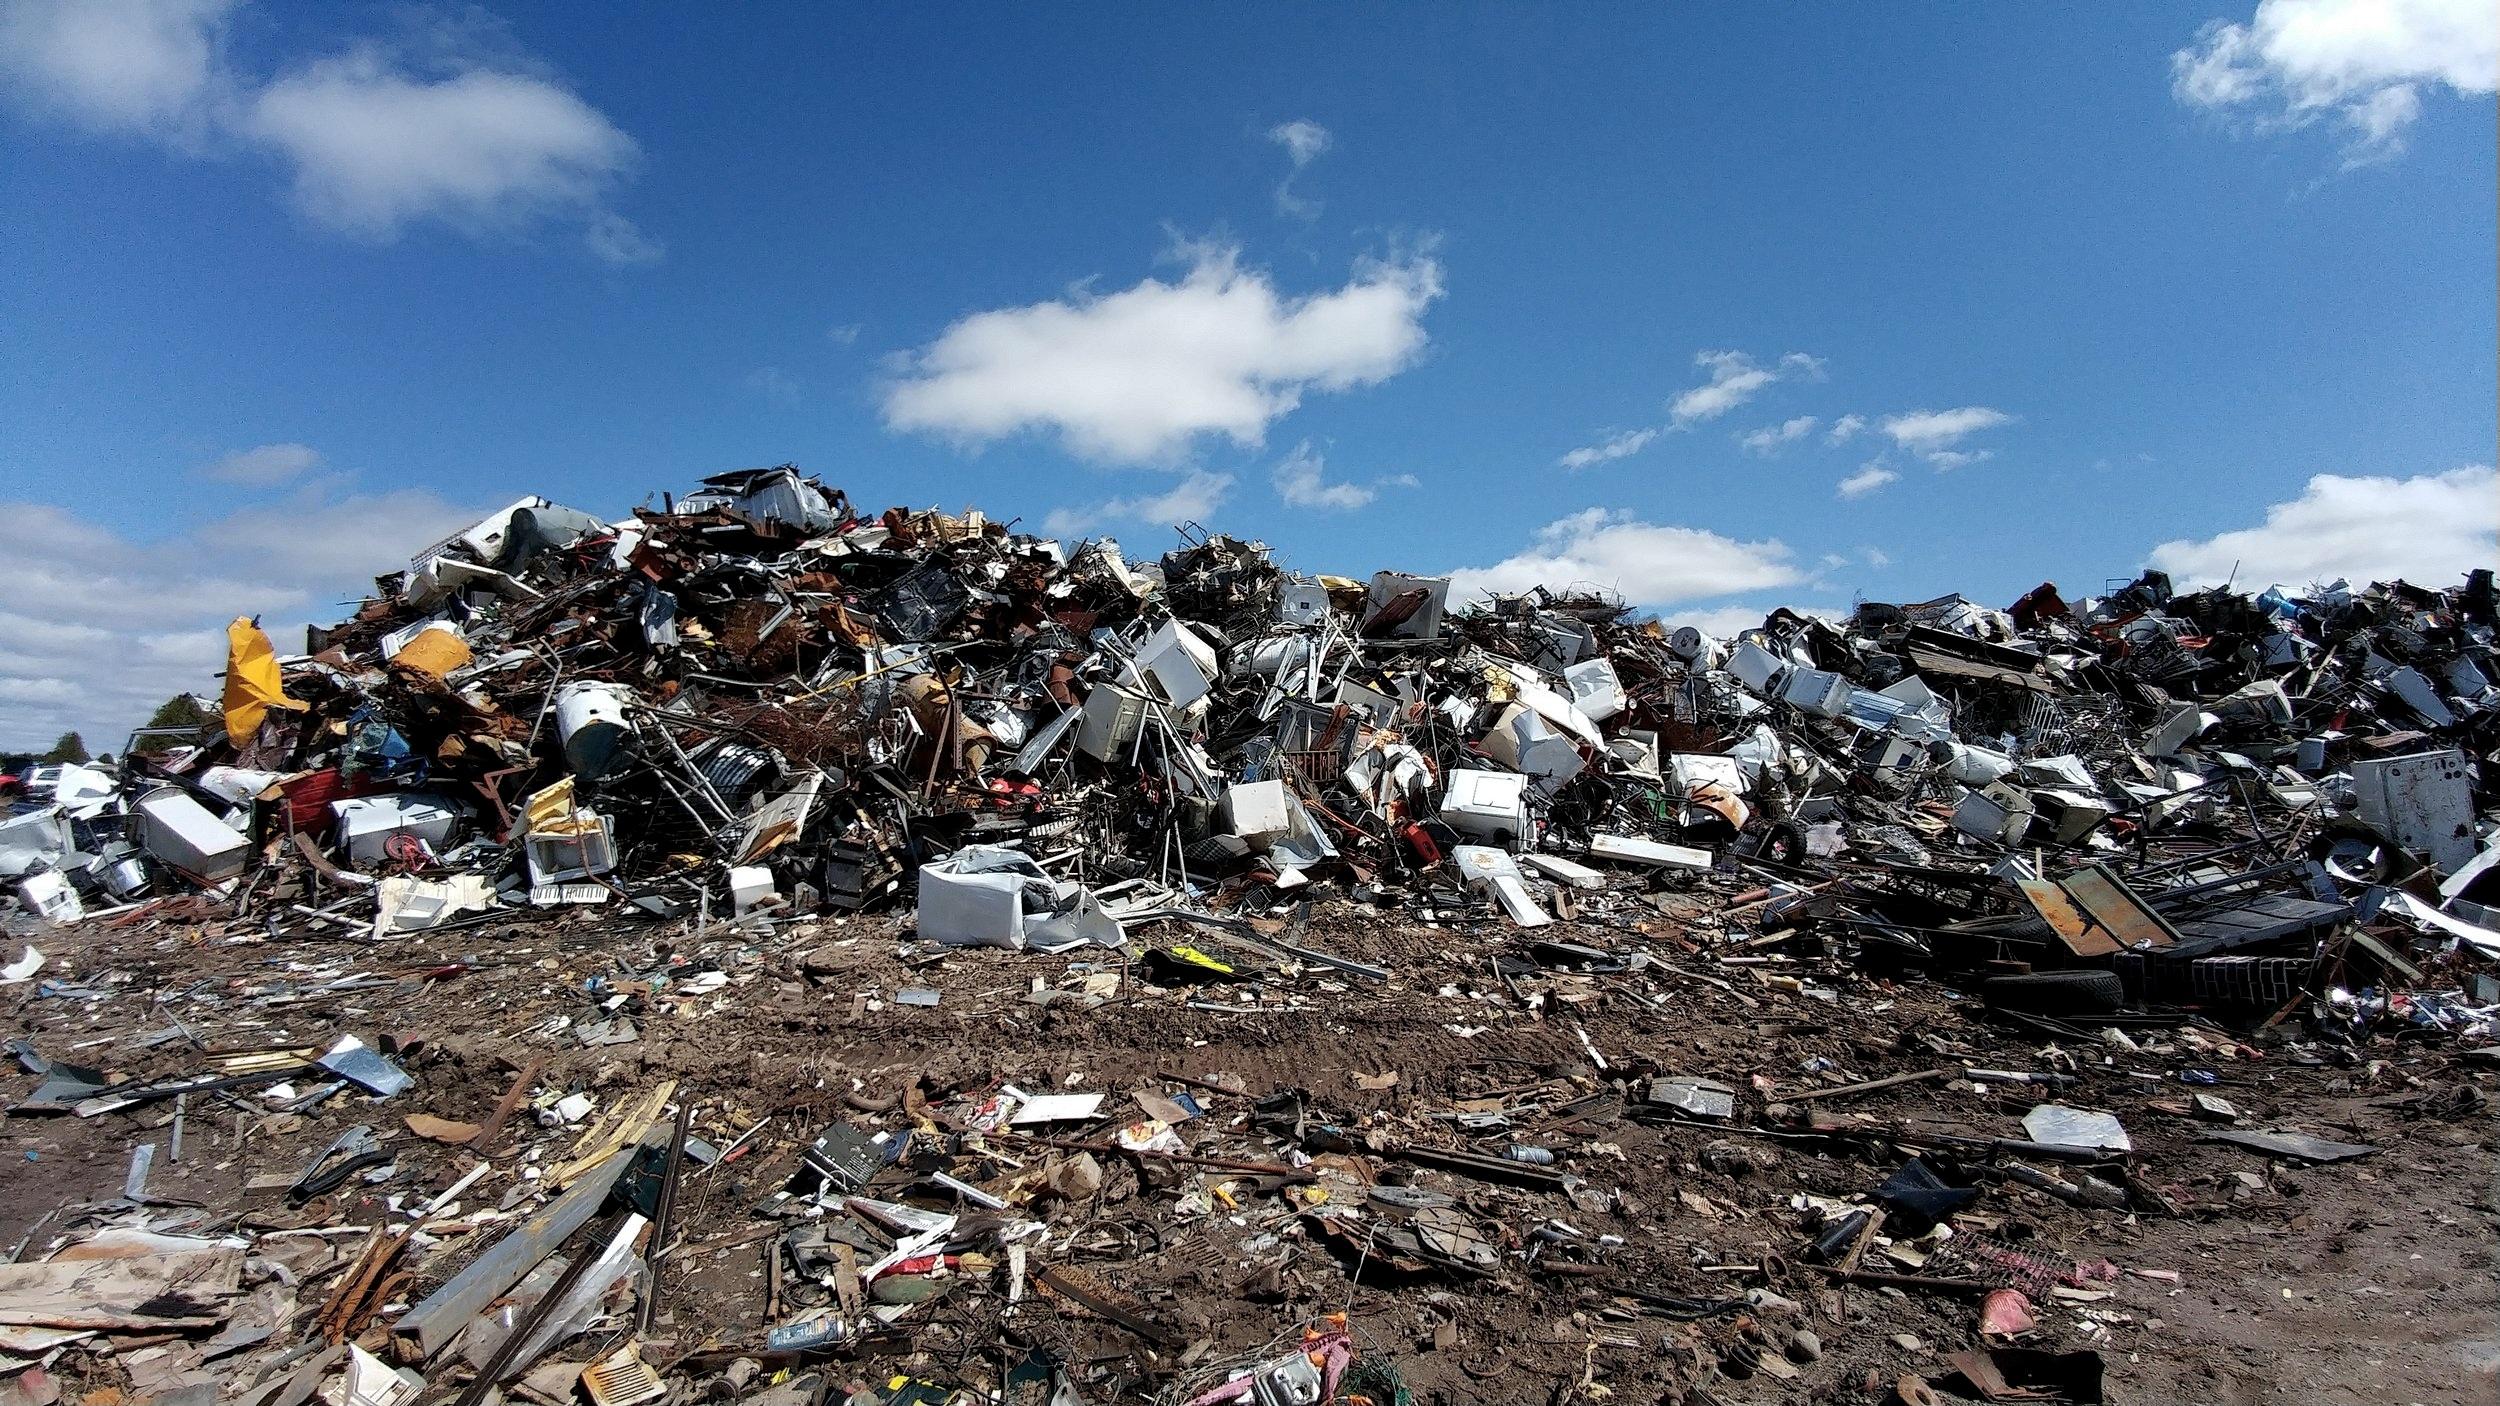 scrapyard-2441432.jpg